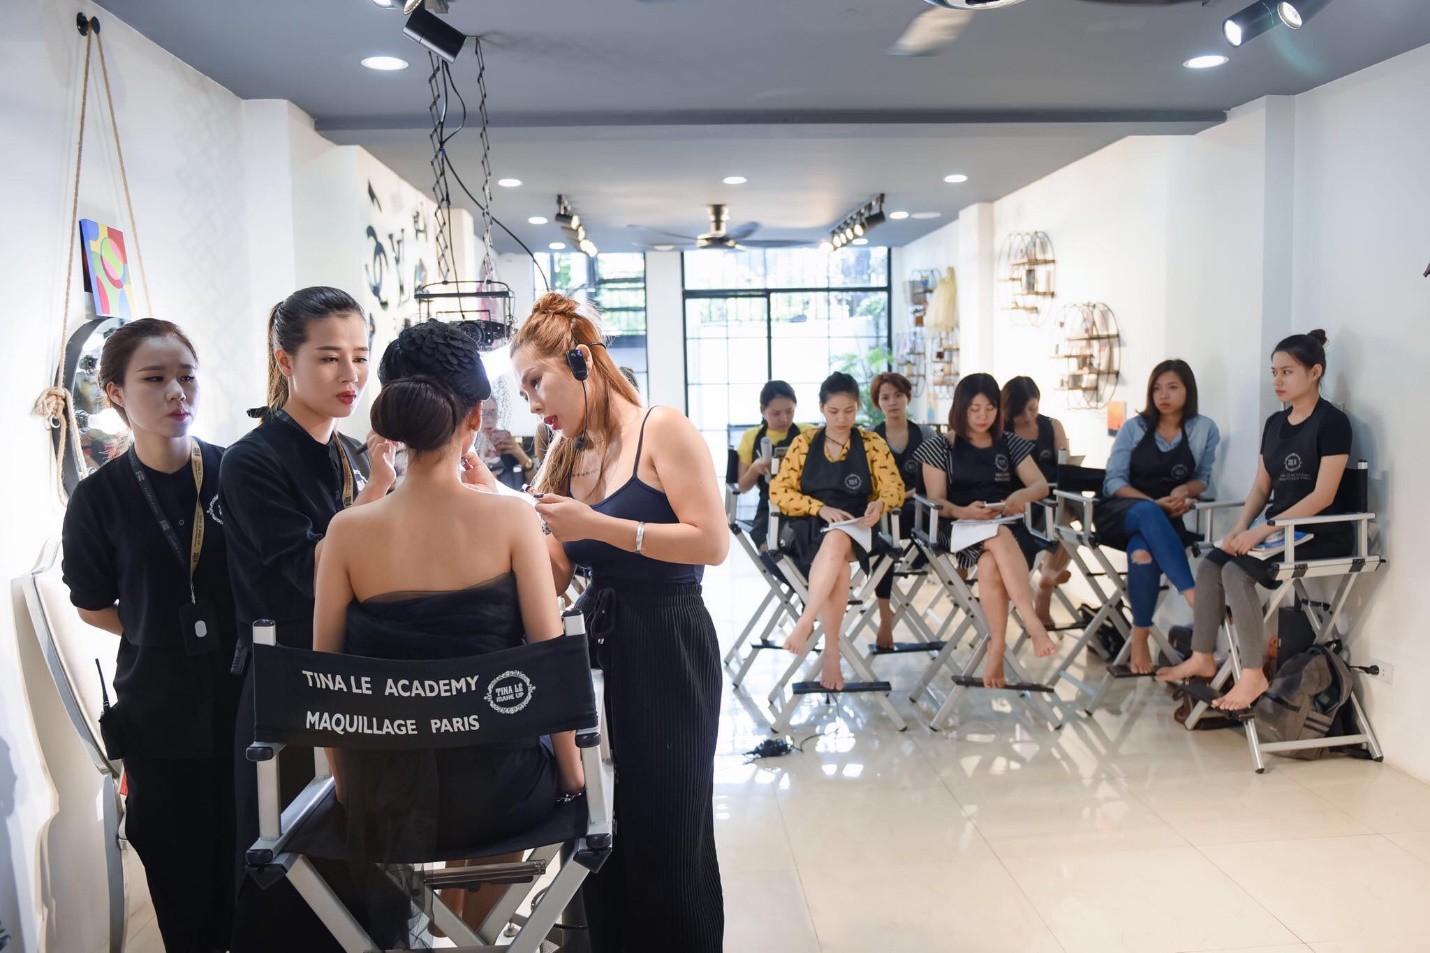 Tina Lê make up: nhân vật truyền cảm hứng cho các thế hệ học trò về làm đẹp - 1 năm nhìn lại - Ảnh 2.